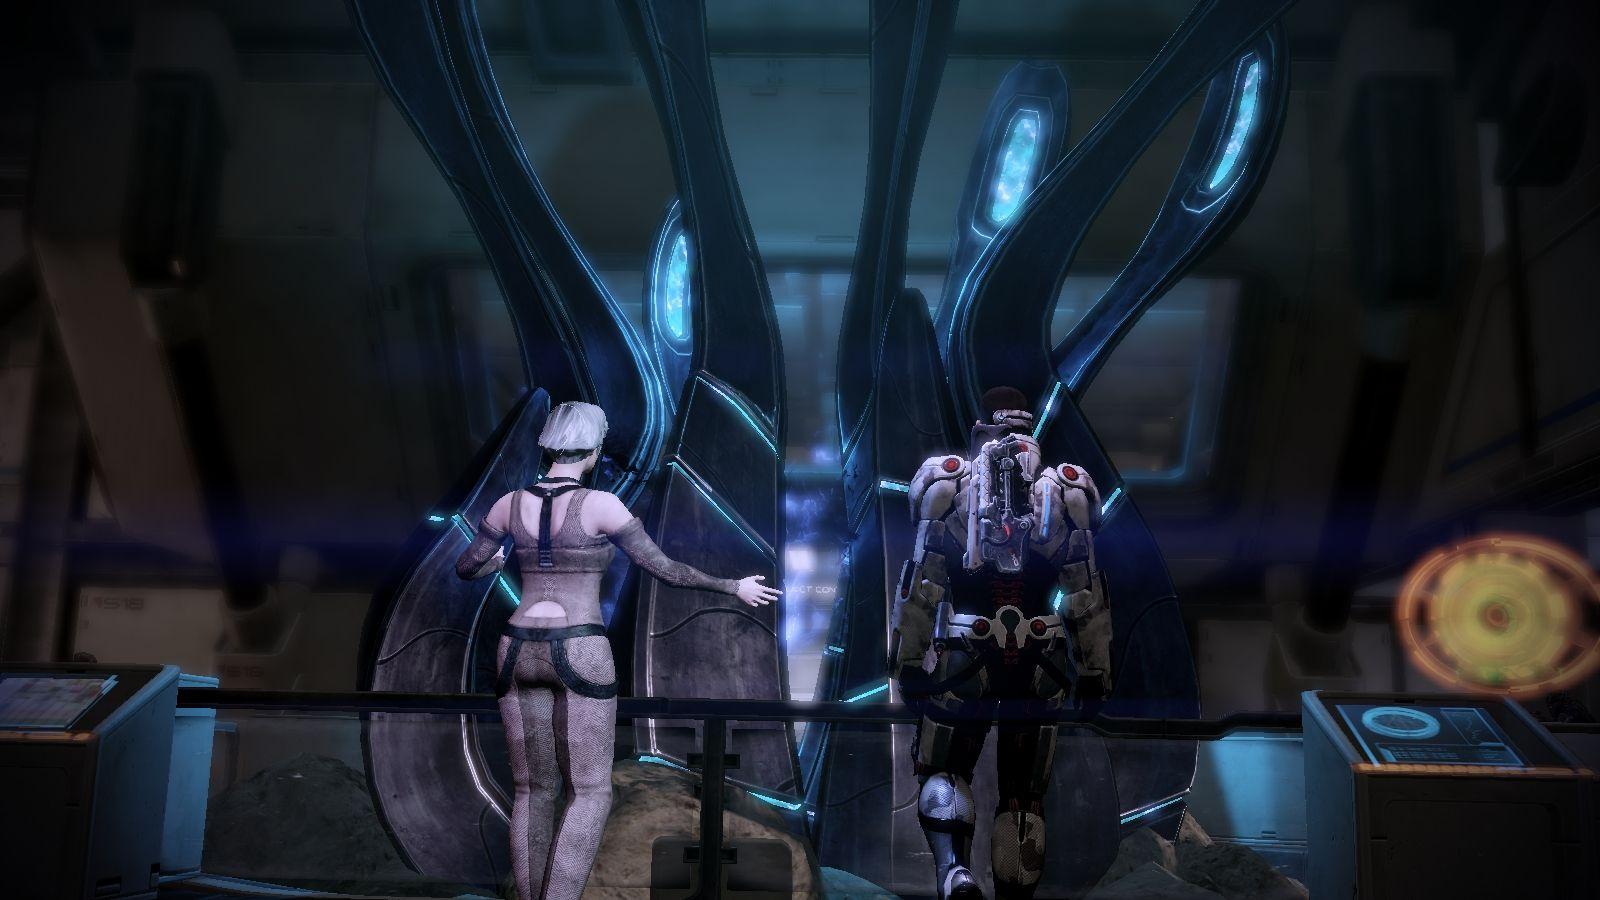 L'artefatto dei Razziatori che sembra preannunciare l'invasione.